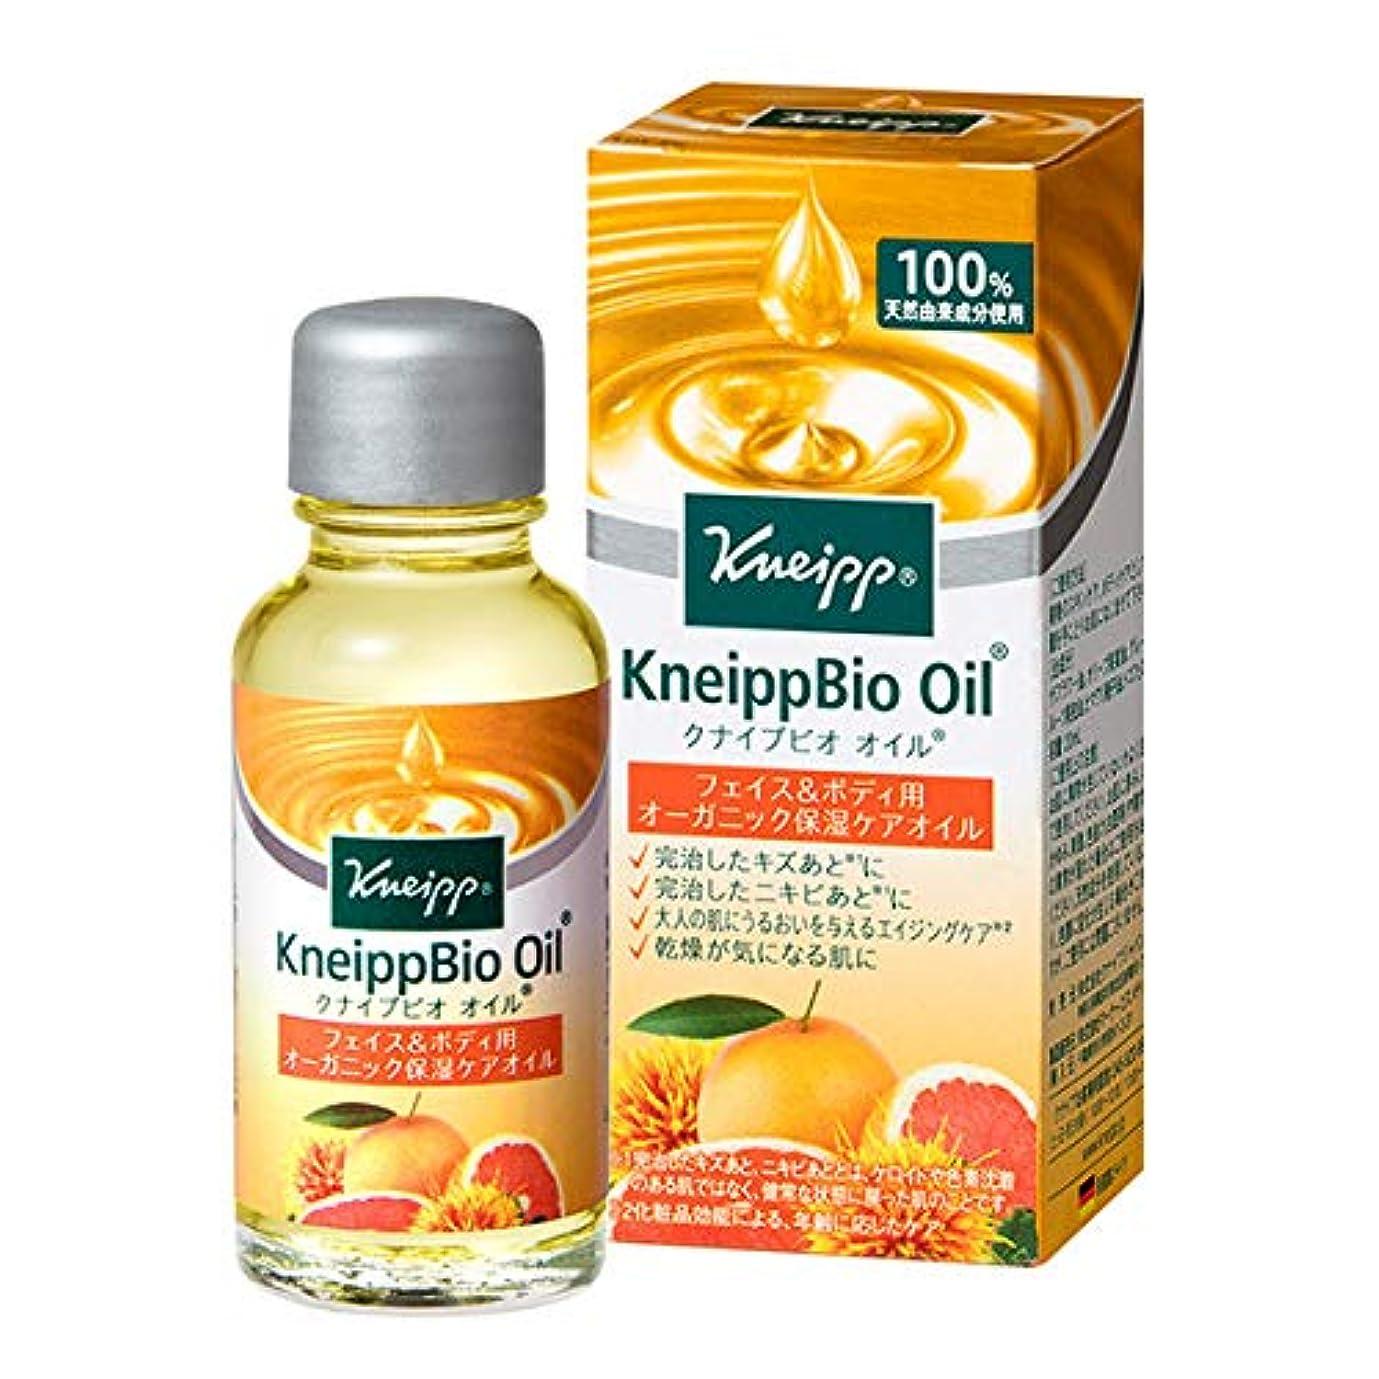 シャンプー四認可クナイプ(Kneipp) クナイプビオ オイル20mL 美容液 100ml